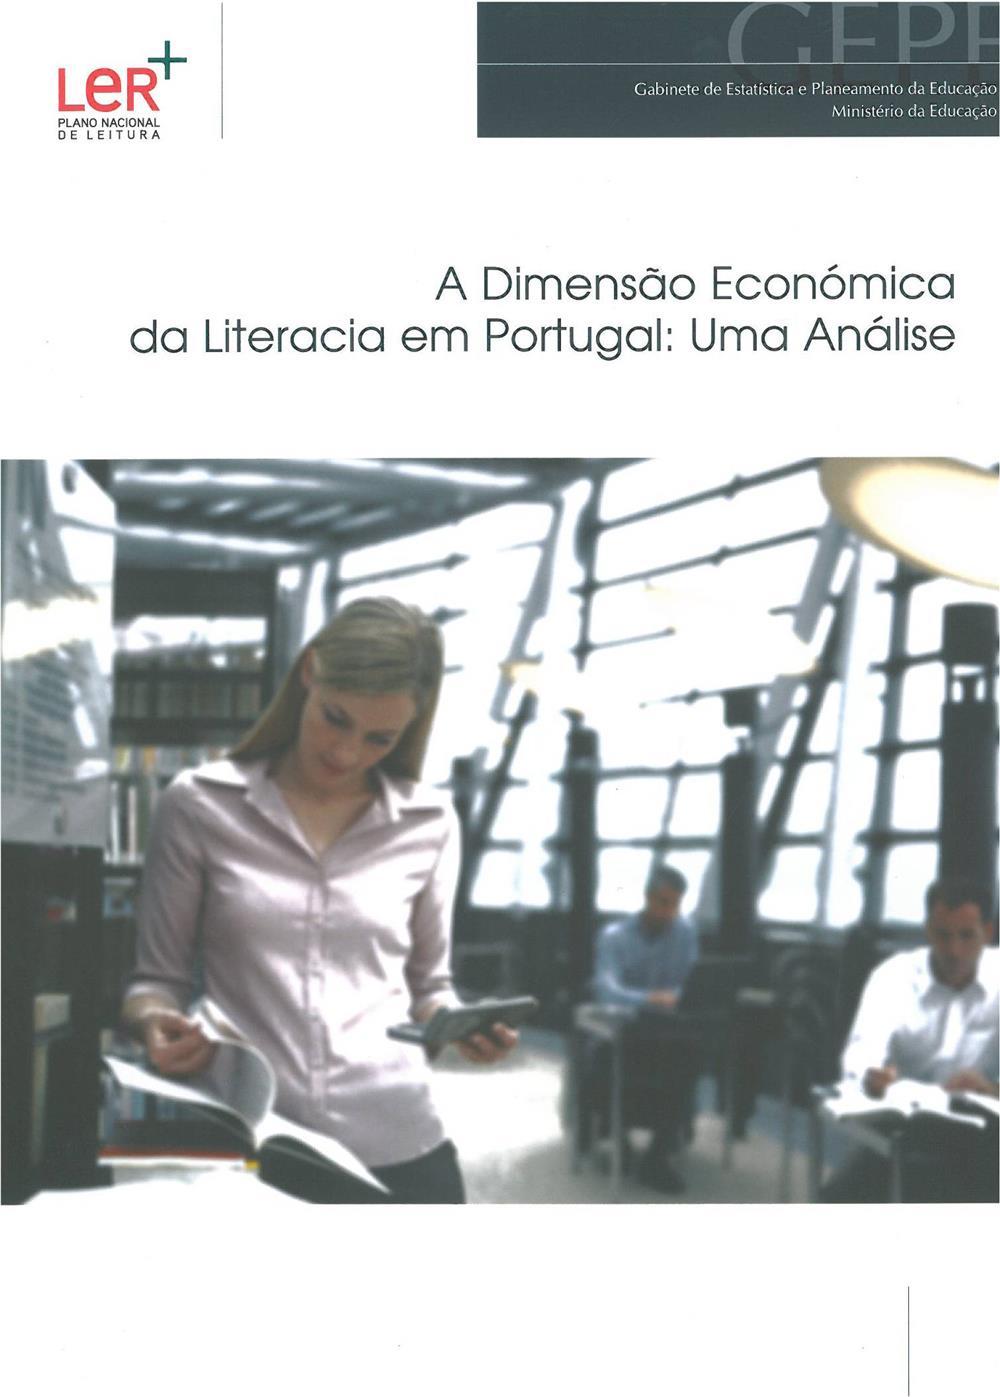 A dimensão económica da literacia em Portugal_.jpg